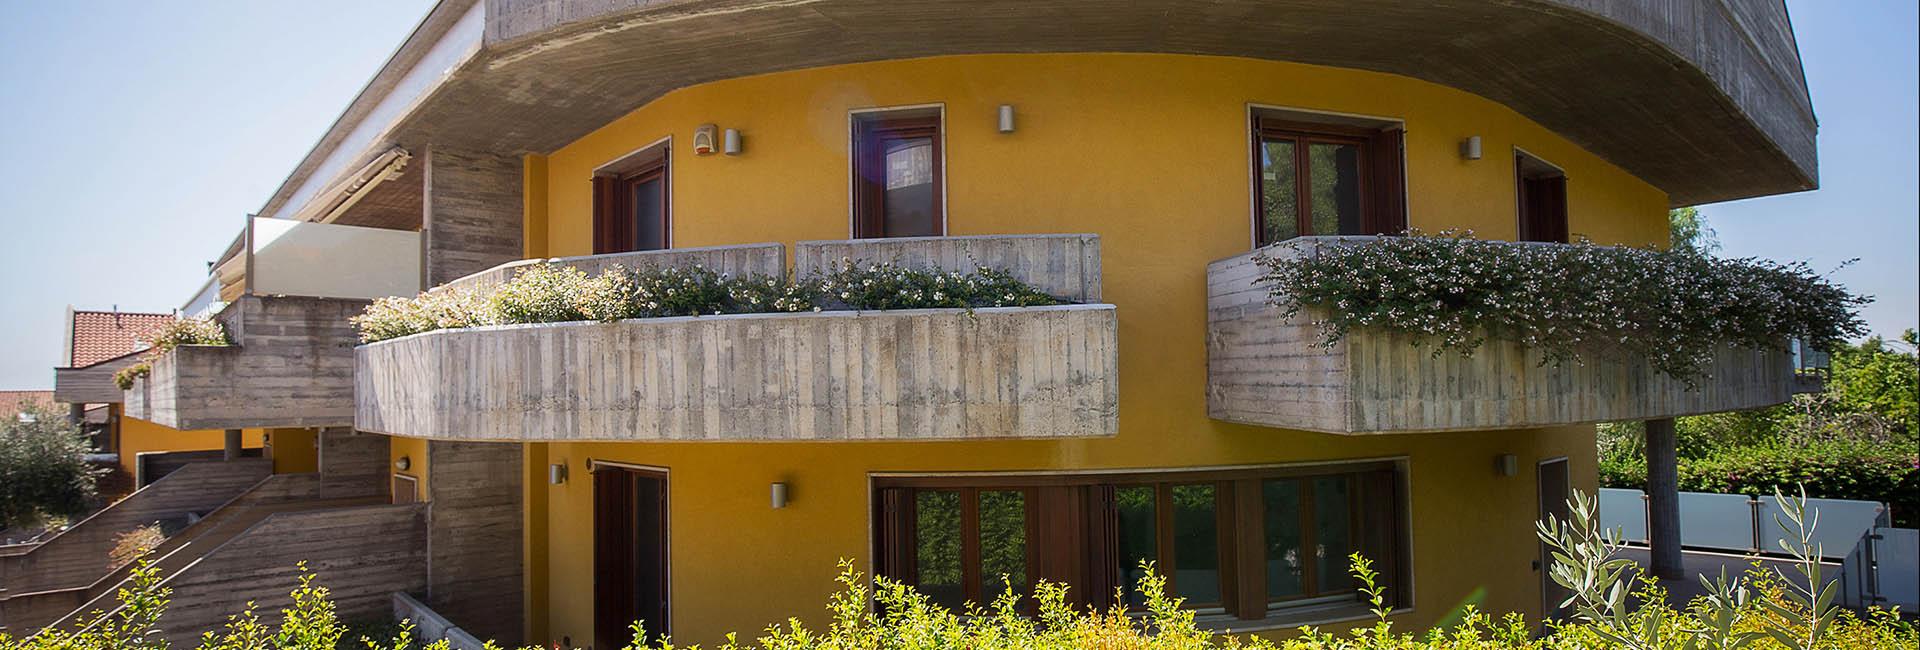 Ville di prestigio con giardino e garage in vendita a san for Piani di garage in vendita